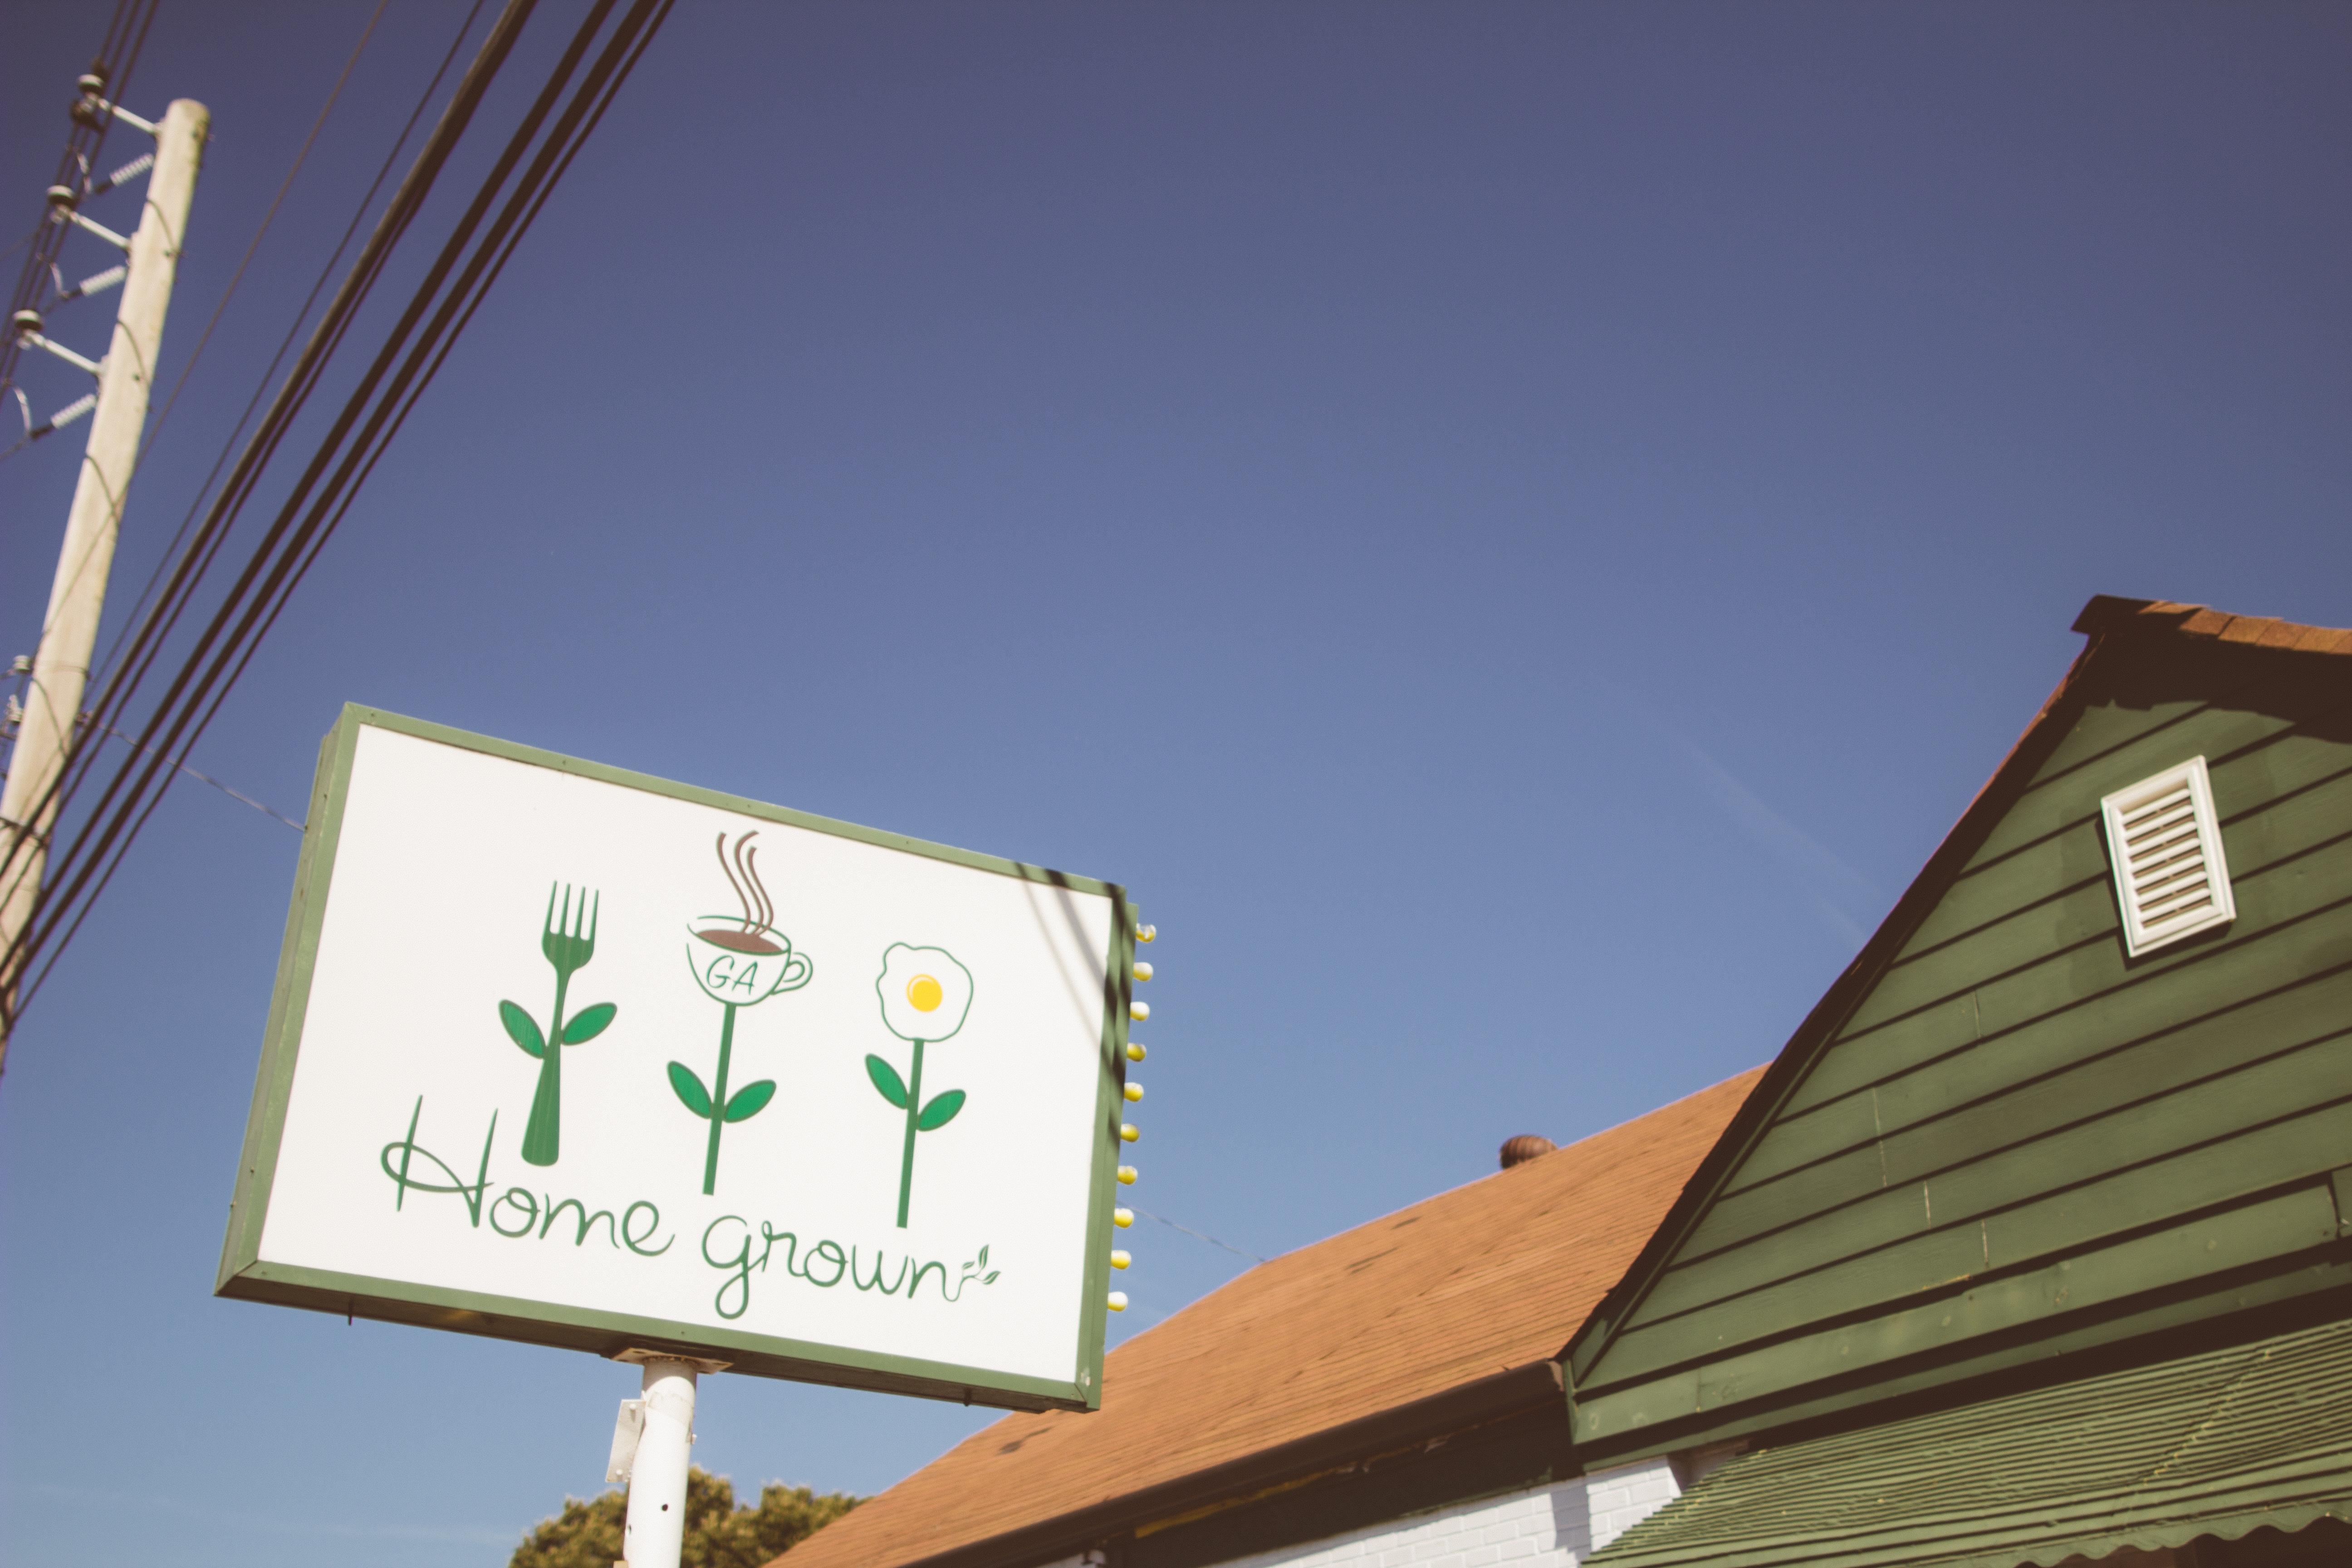 Homegrown - Sign